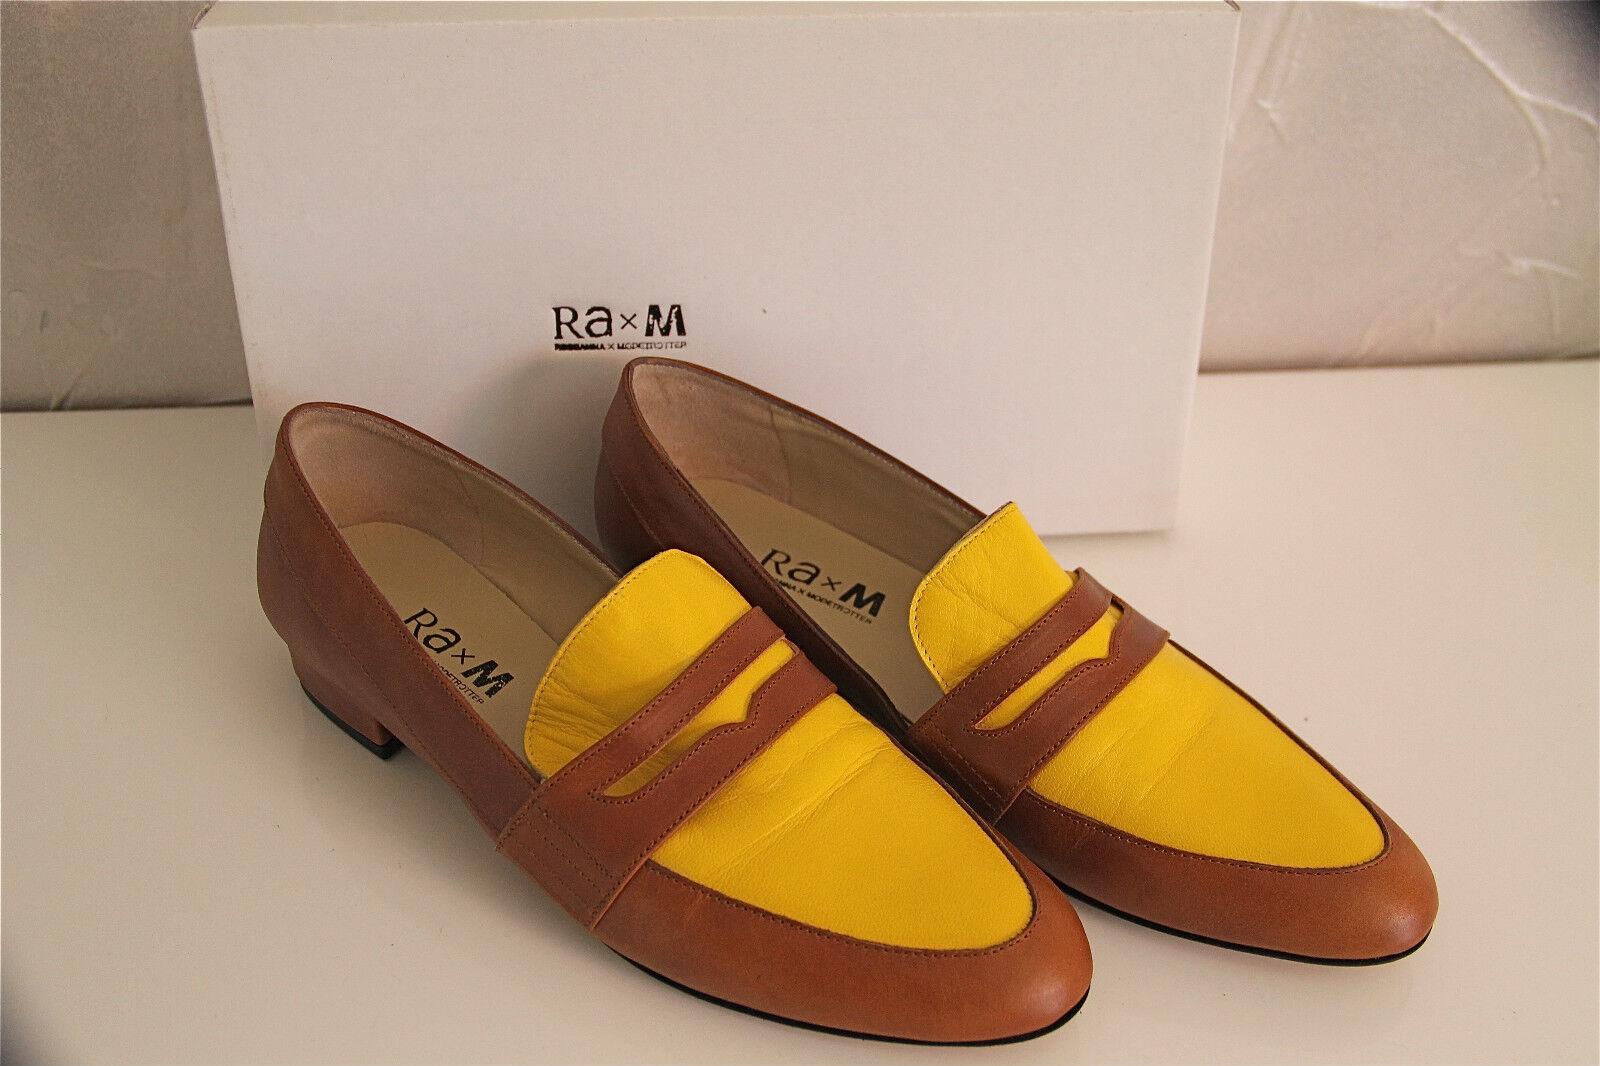 Escarpins cuir amarillo amarillo amarillo marrón rosadoANNA X MODETrojoTER 36,5 NEUVE BOITE valeur  ventas de salida